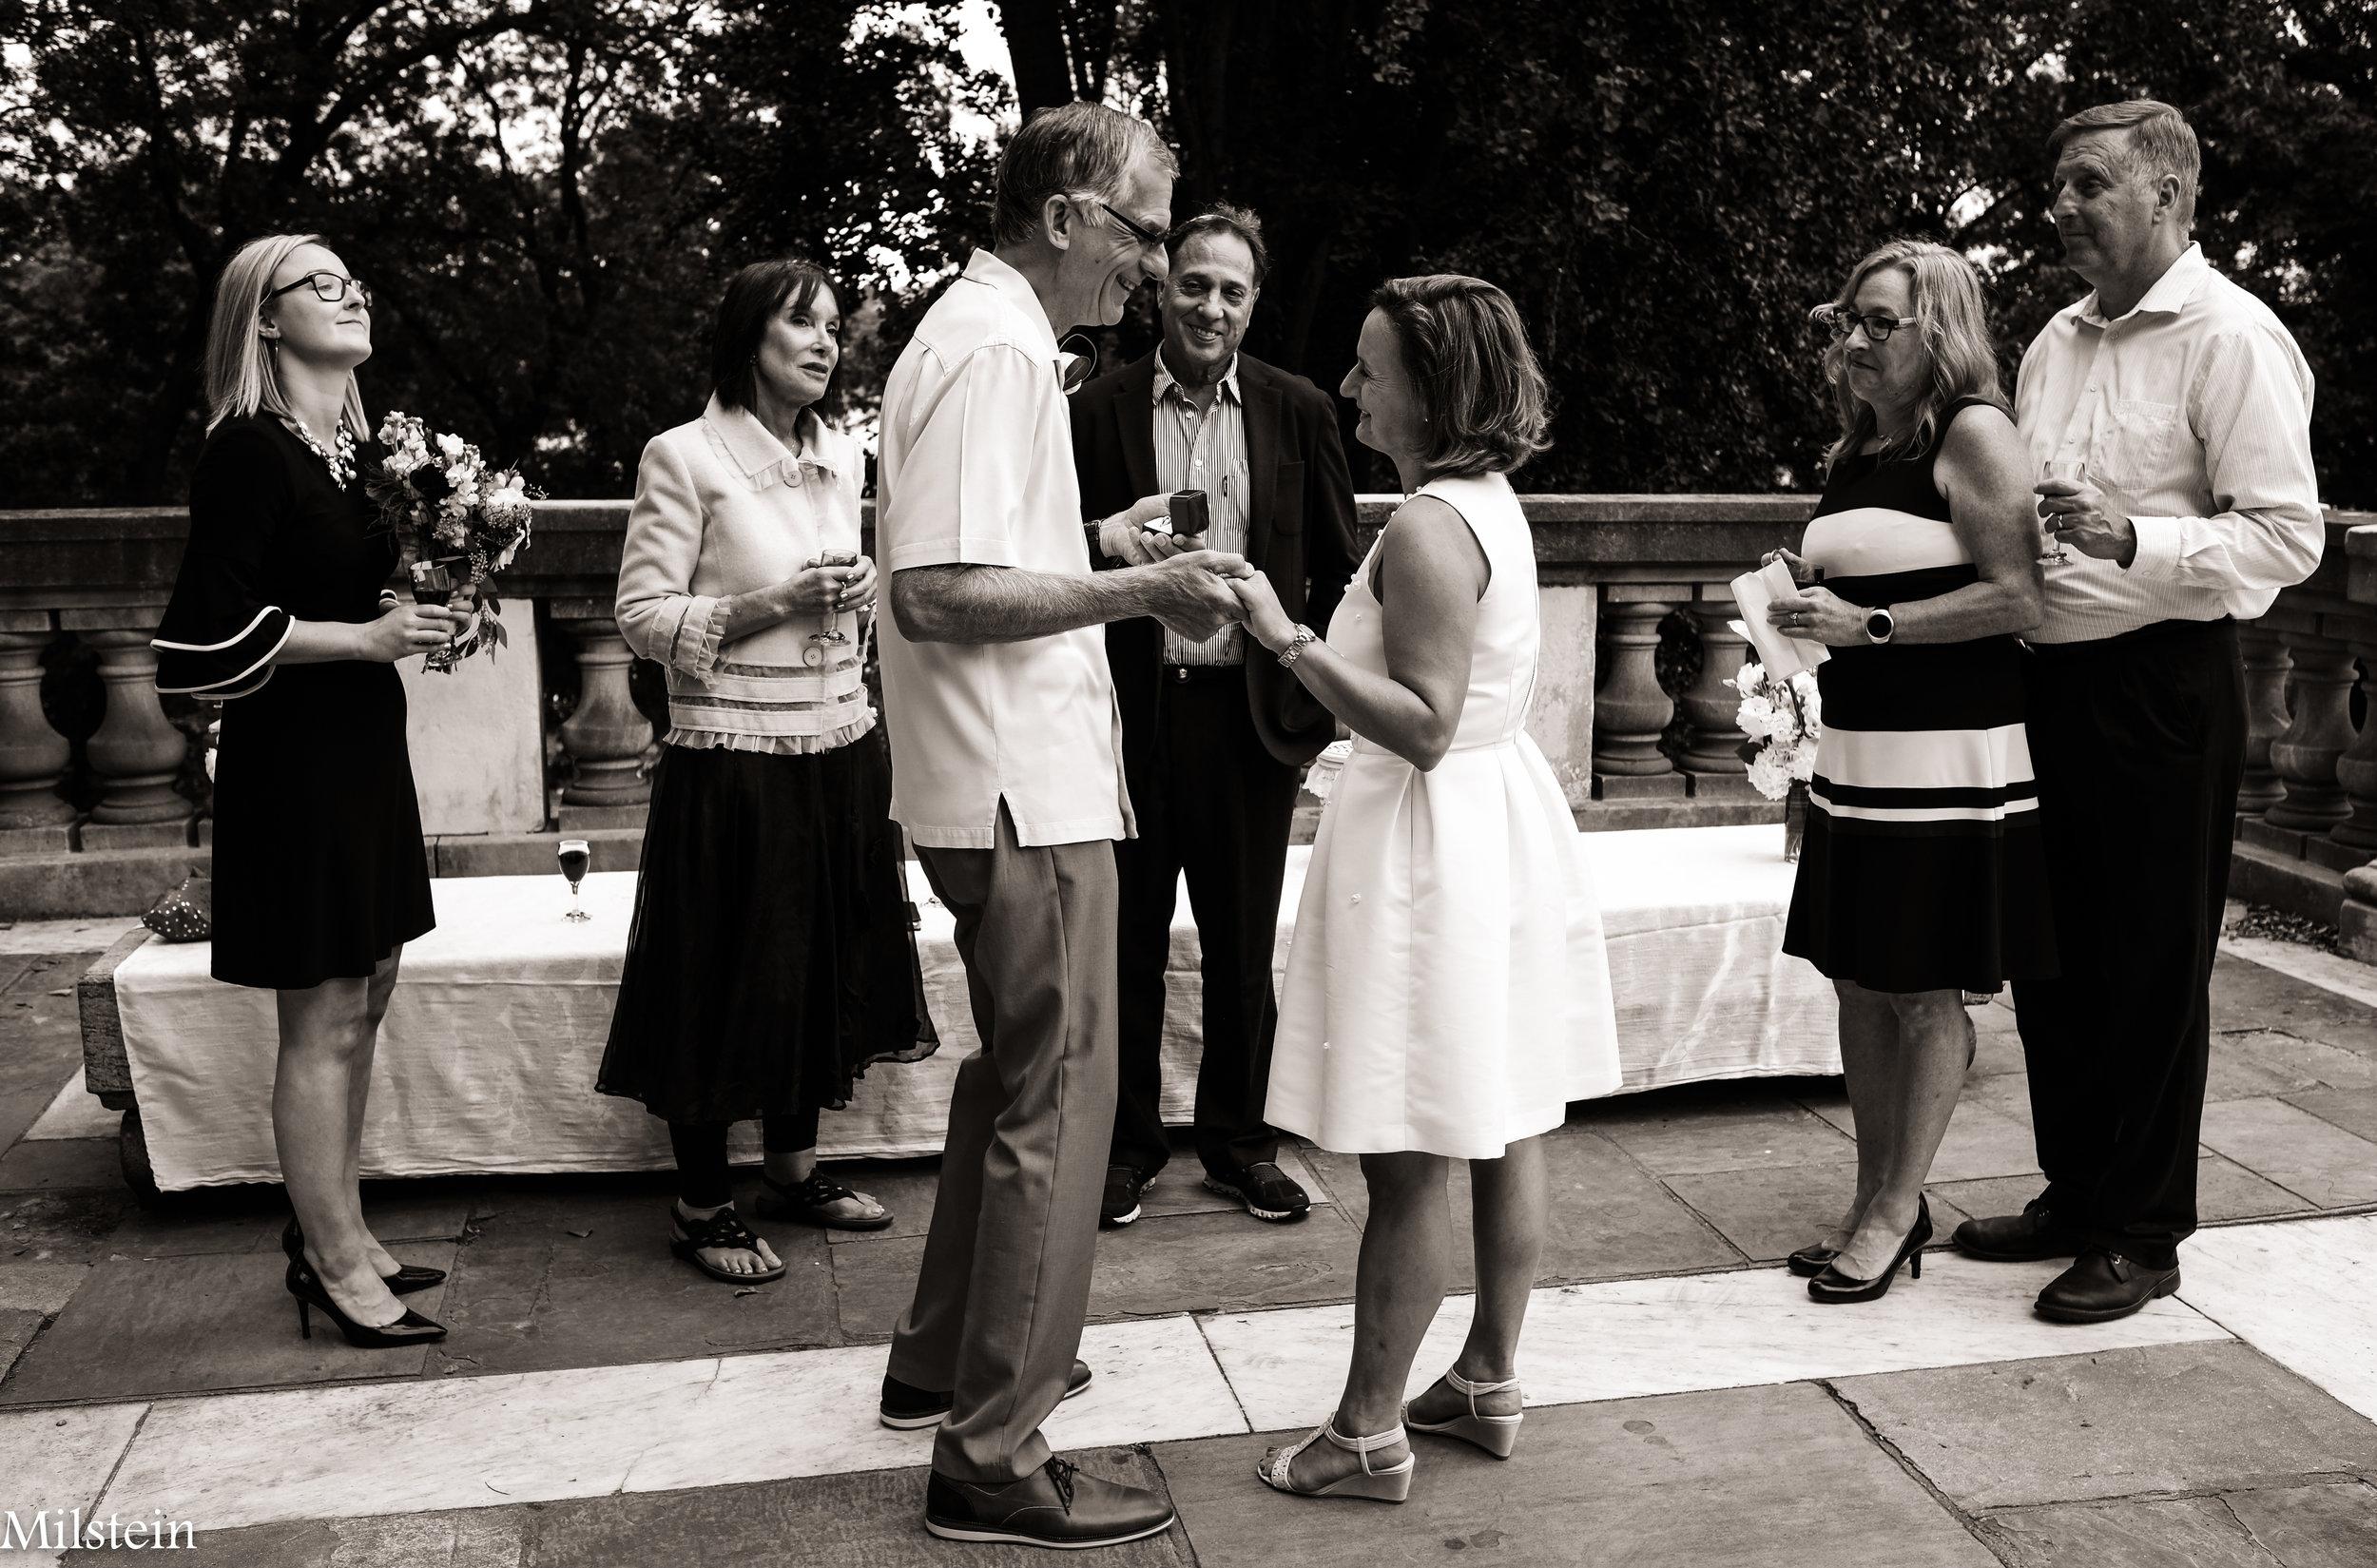 Best-Wedding-Photographer-New-York-Amy-Milstein.jpg